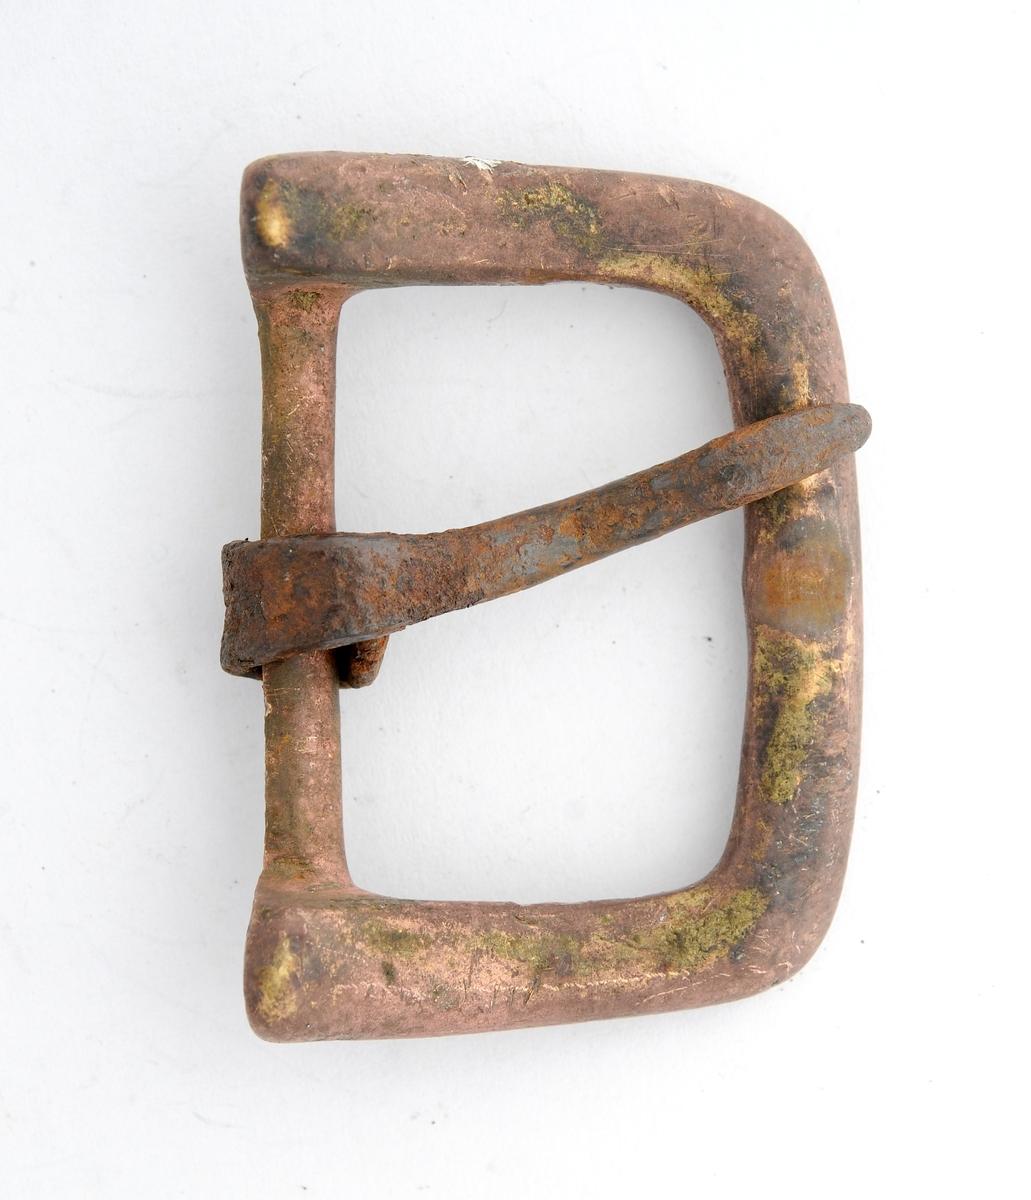 Beltespenne i messing. Rektanguler form. Ingen dekor. Stolpen er støypt i eitt med spenna, tann i jern smidd rundt.